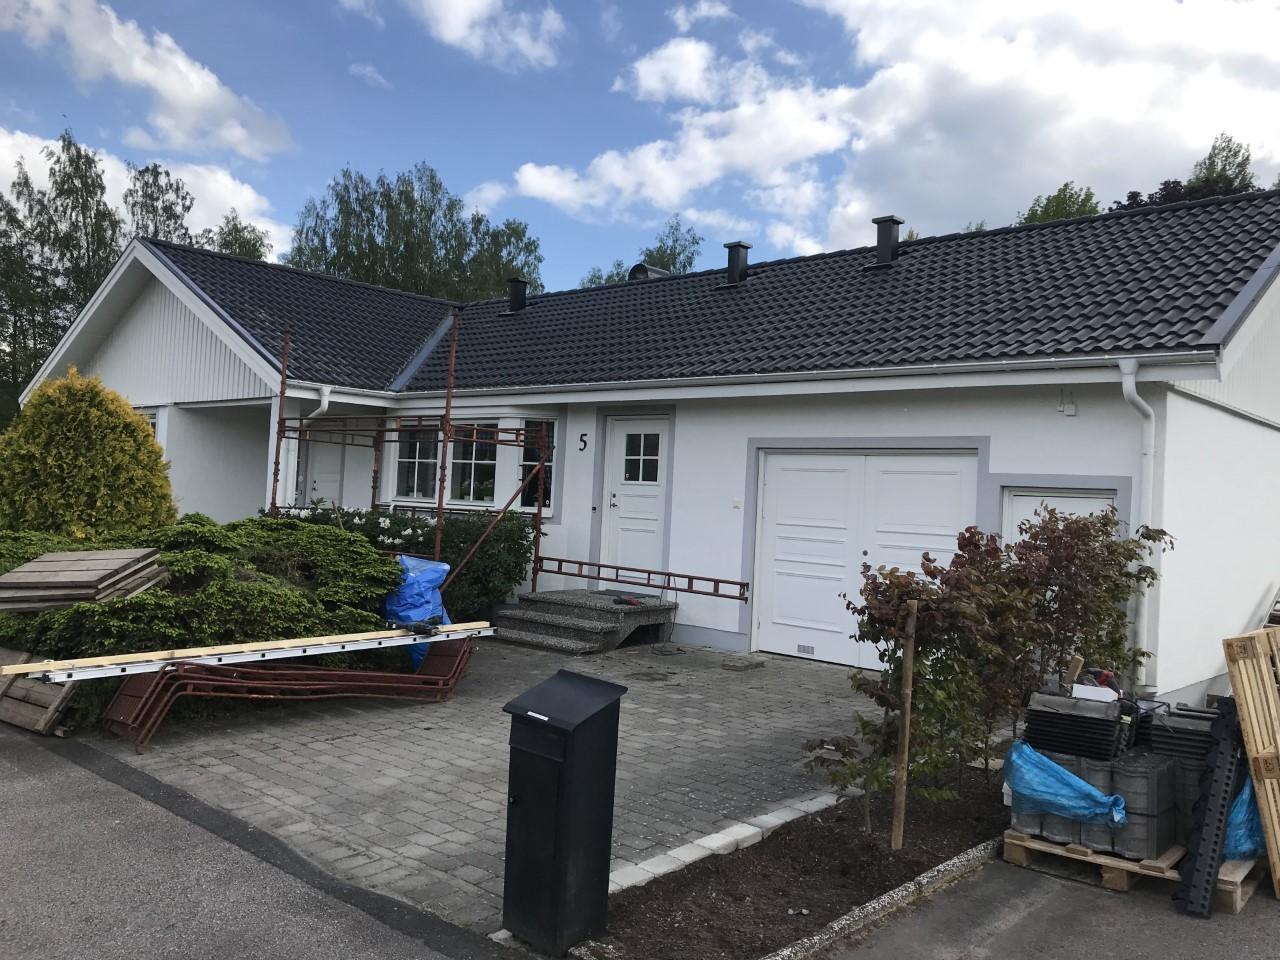 hantverkare renovering av hus i Smålandsstenar